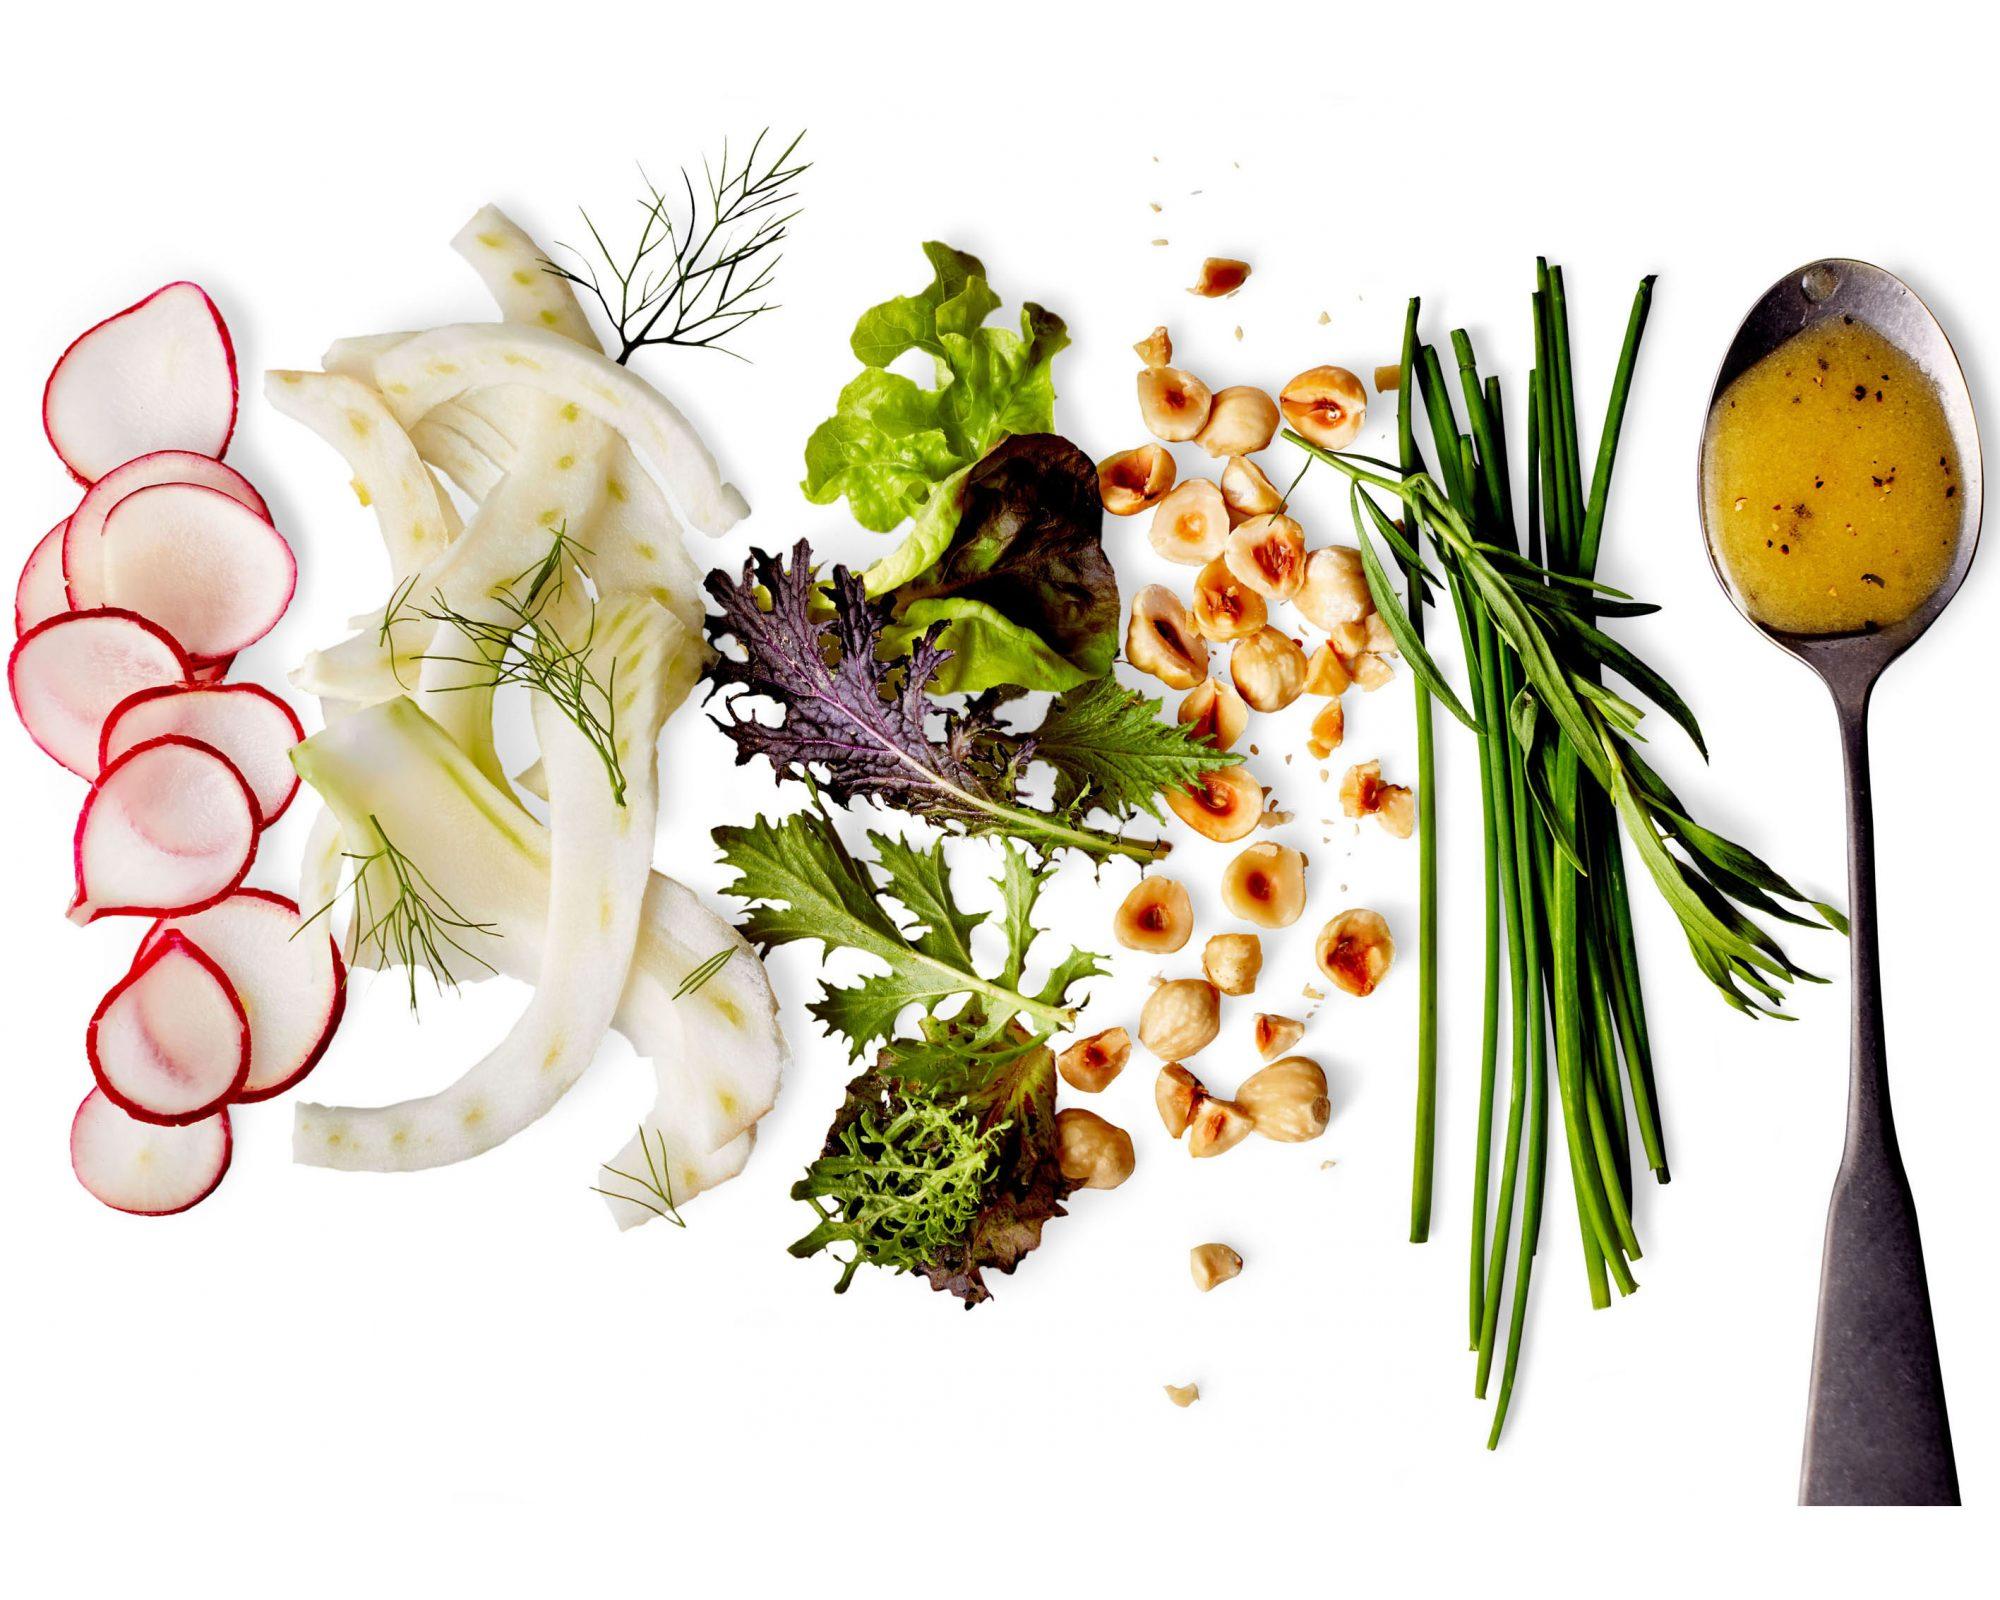 salad verte ingredients chopped